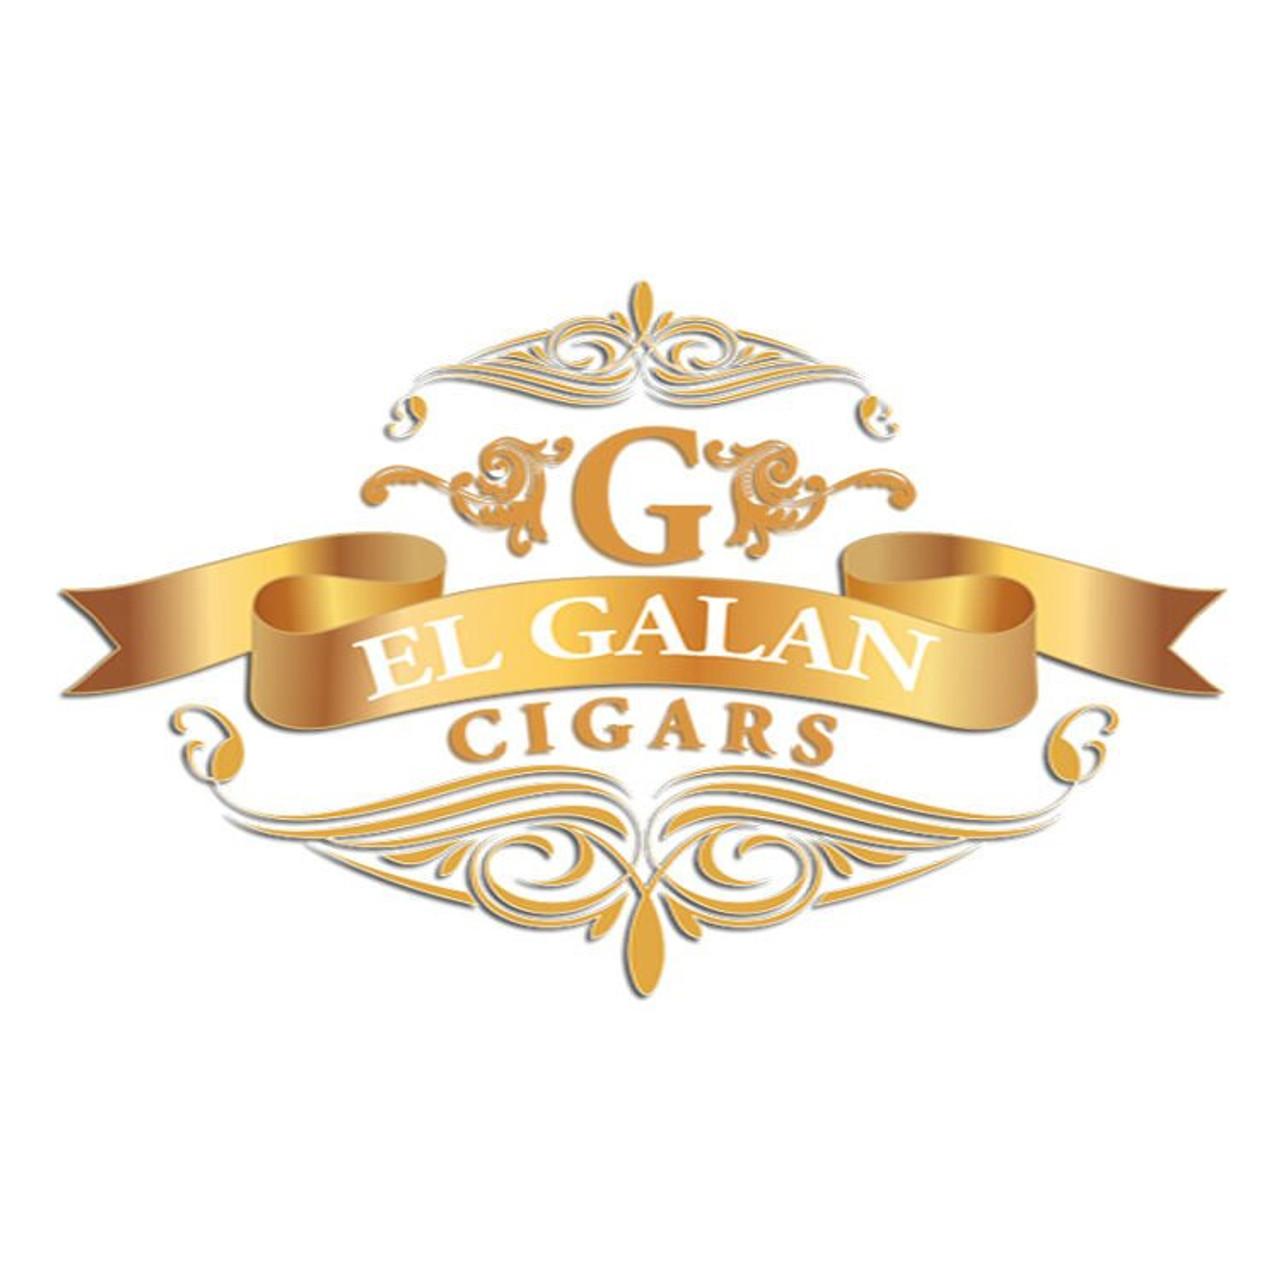 El Galan Campestre Double Corona Cigars - 7.5 x 50 (Bundle of 20)